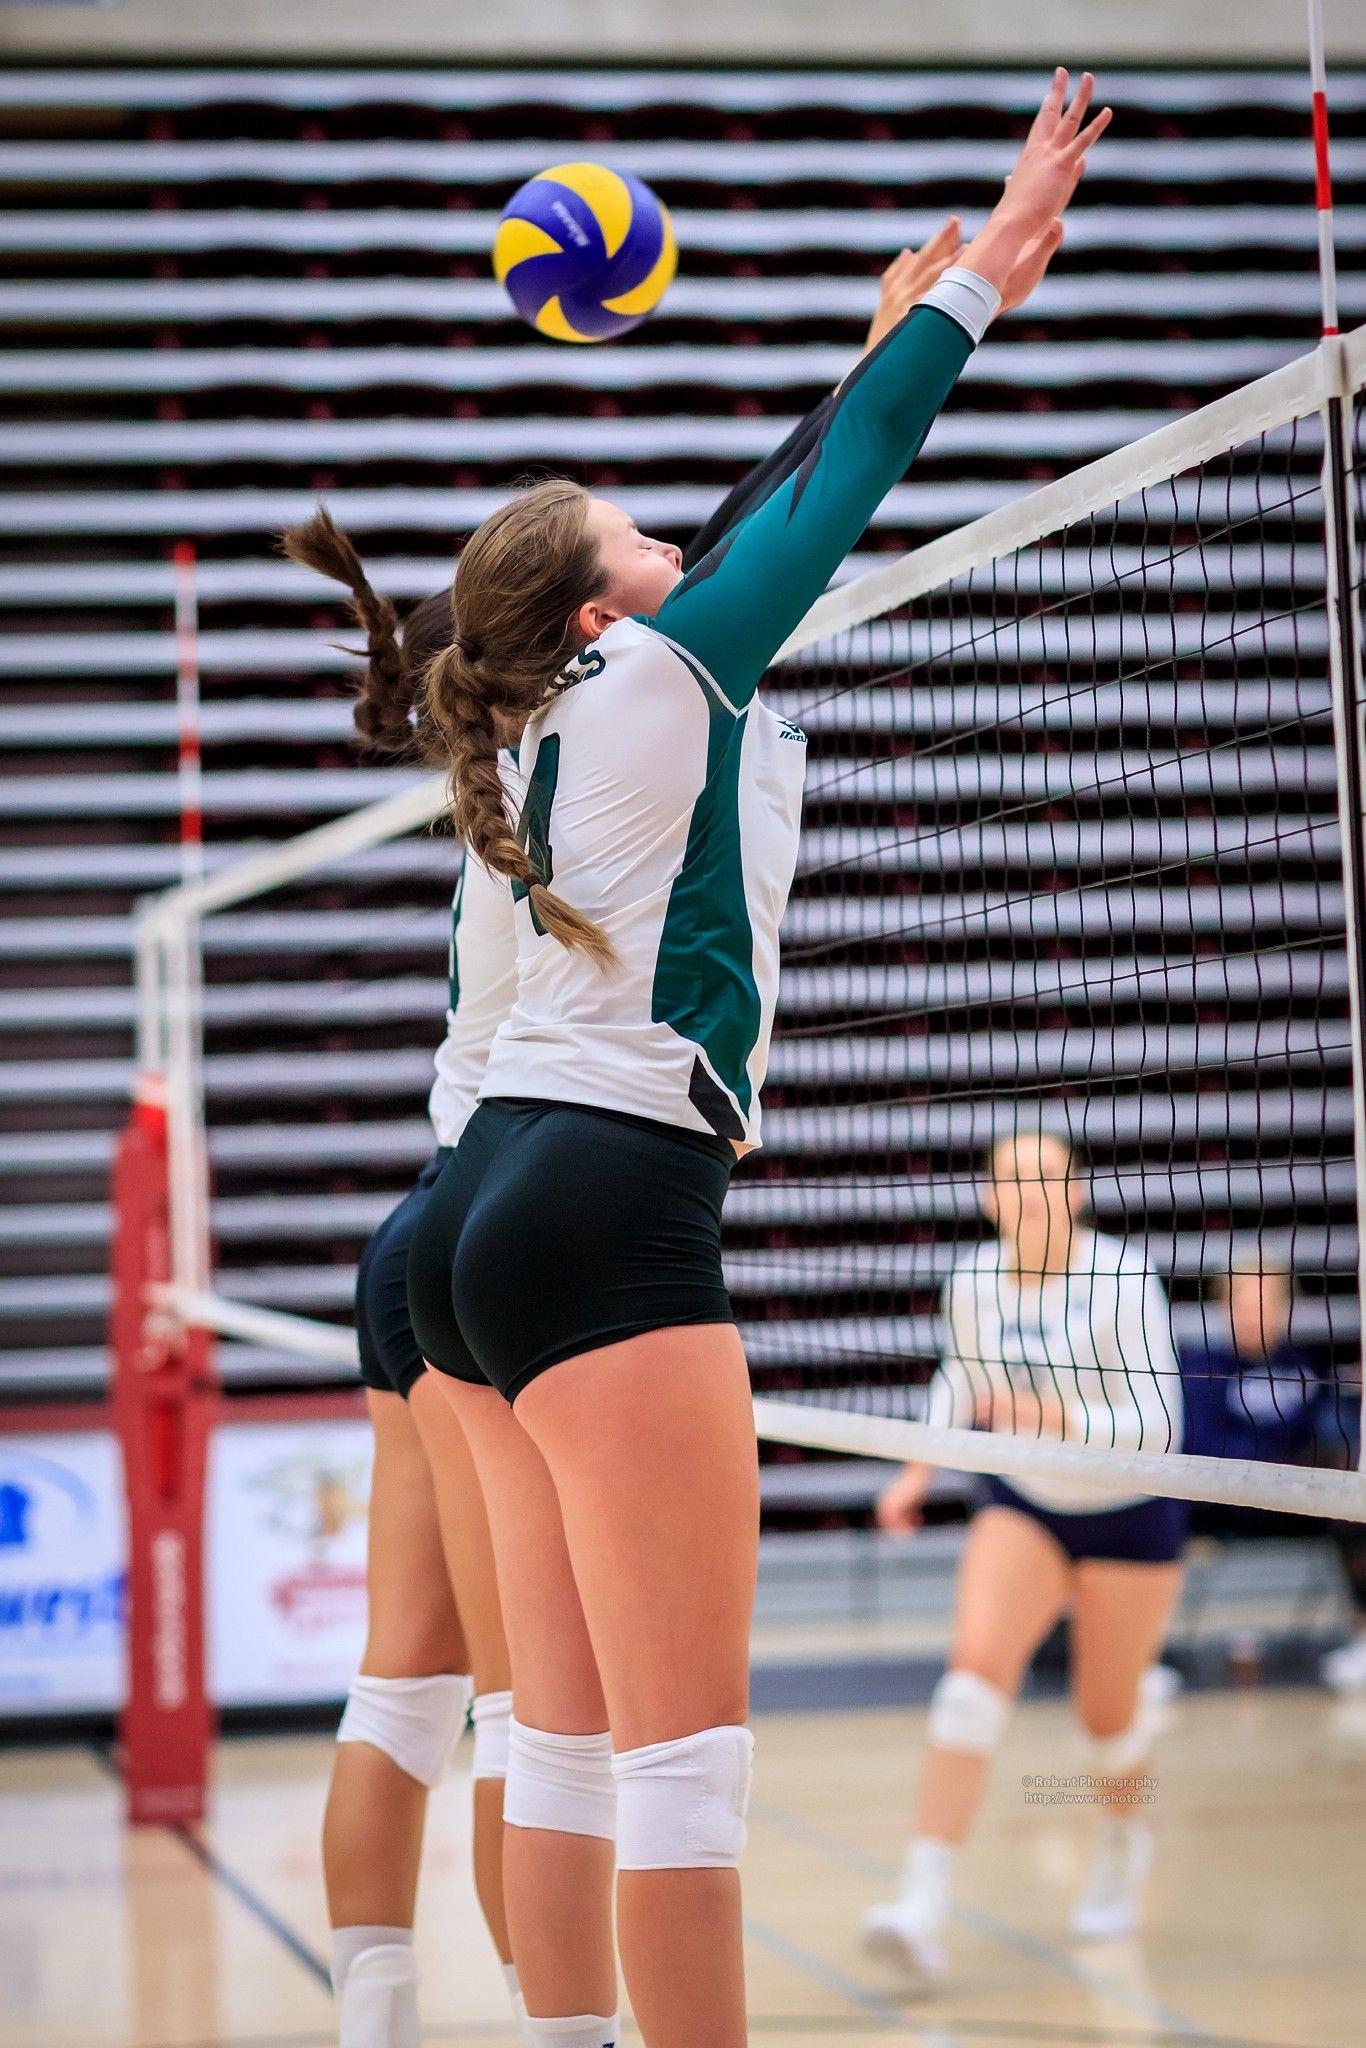 women's volleyball net height - HD1366×2048